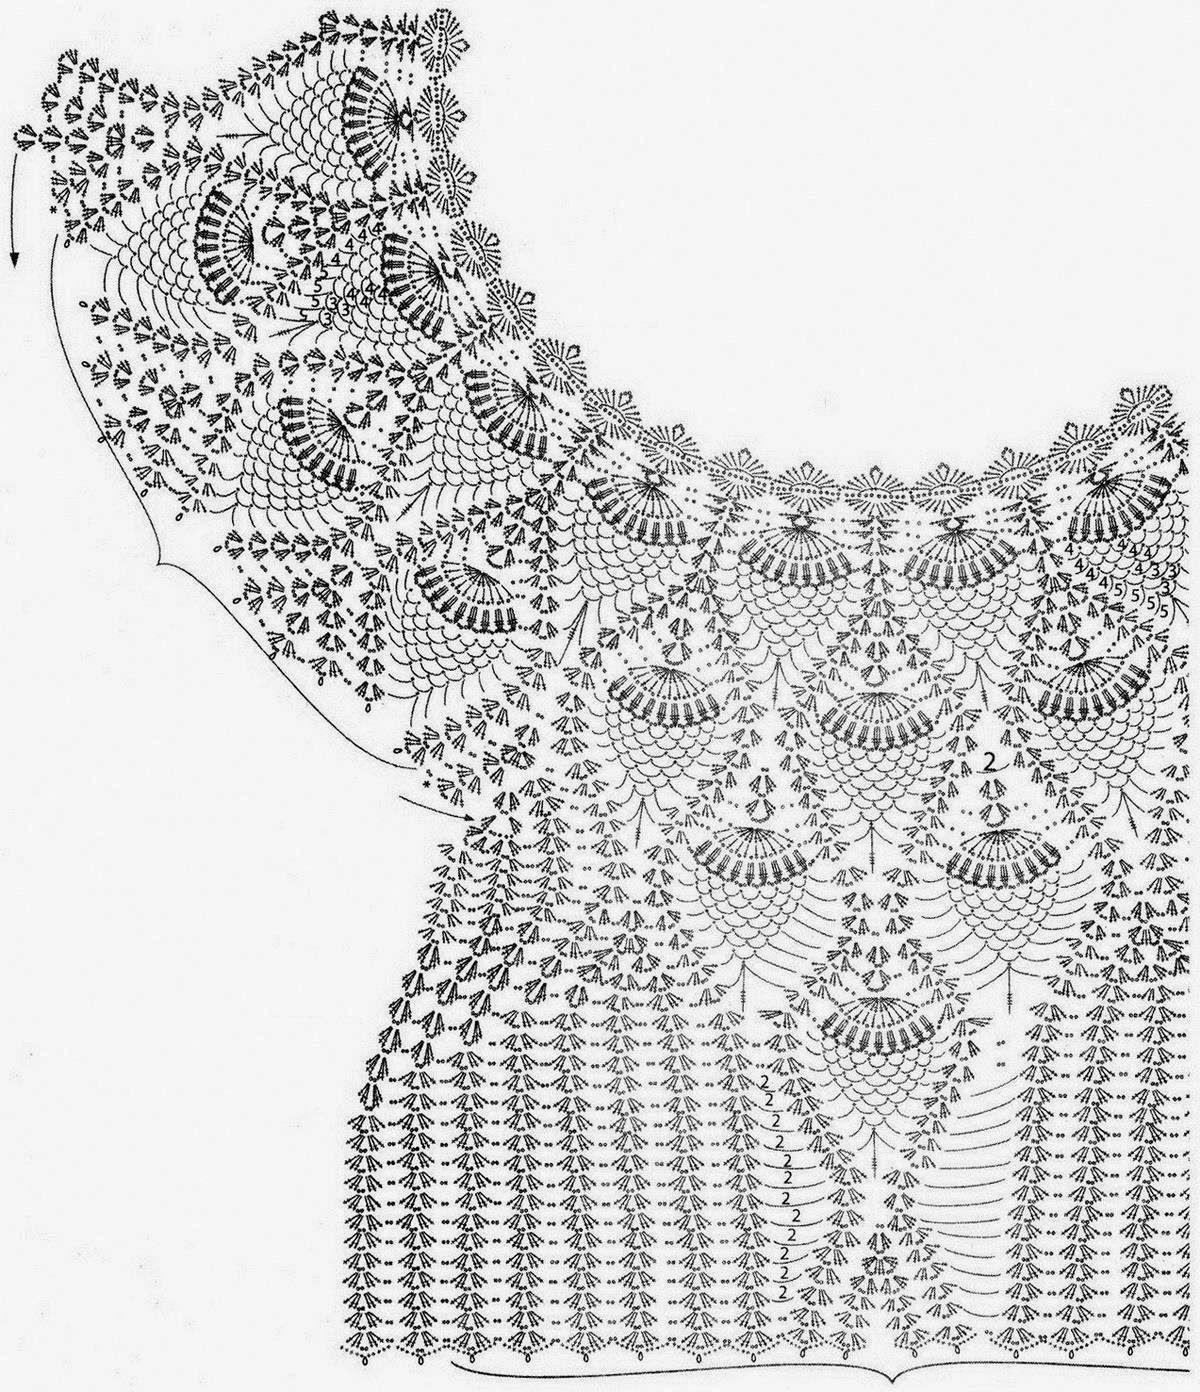 Crochet Sweater: Crochet Pattern oF Crochet Lace Sweater - Sophisticated #crochetsweaterpatternwomen